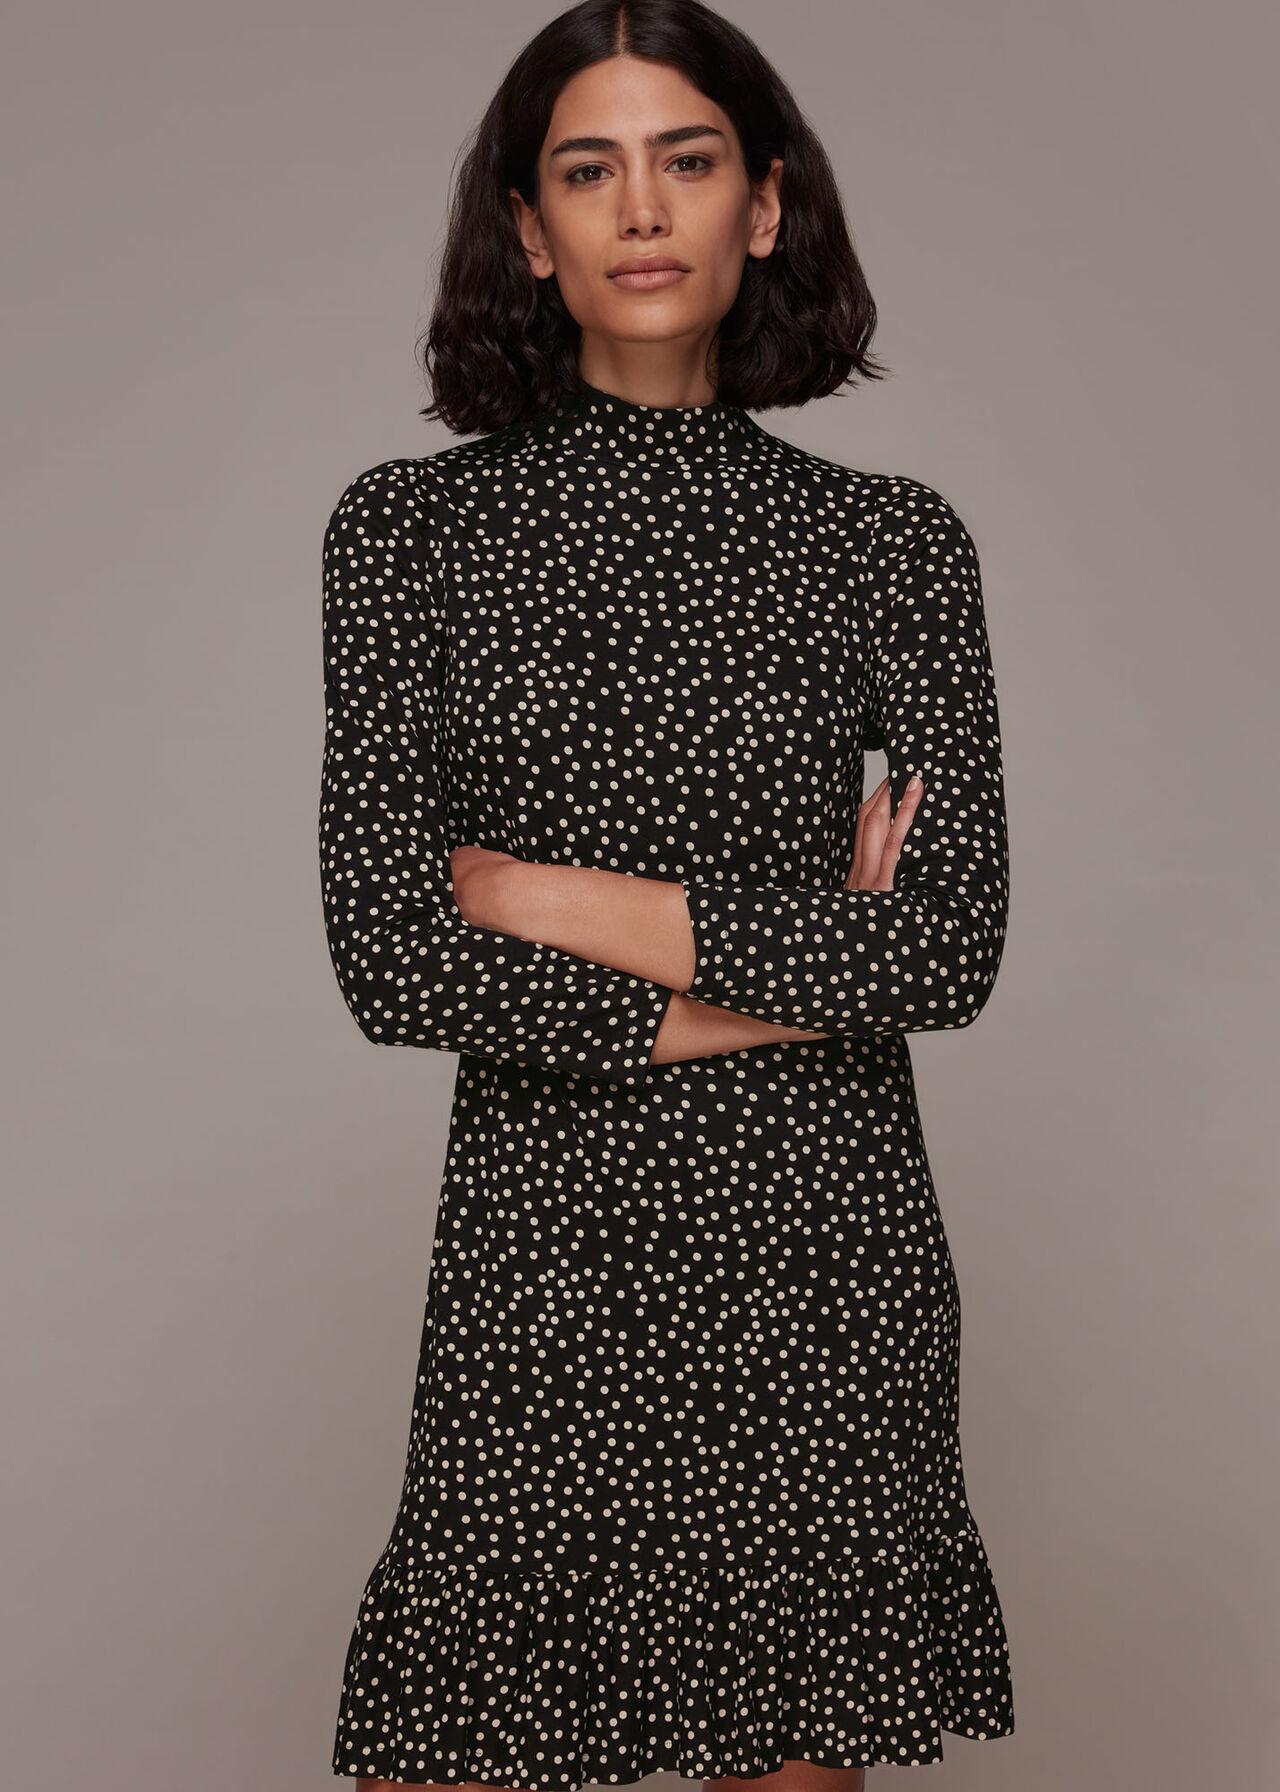 Irregular Spot Jersey Dress